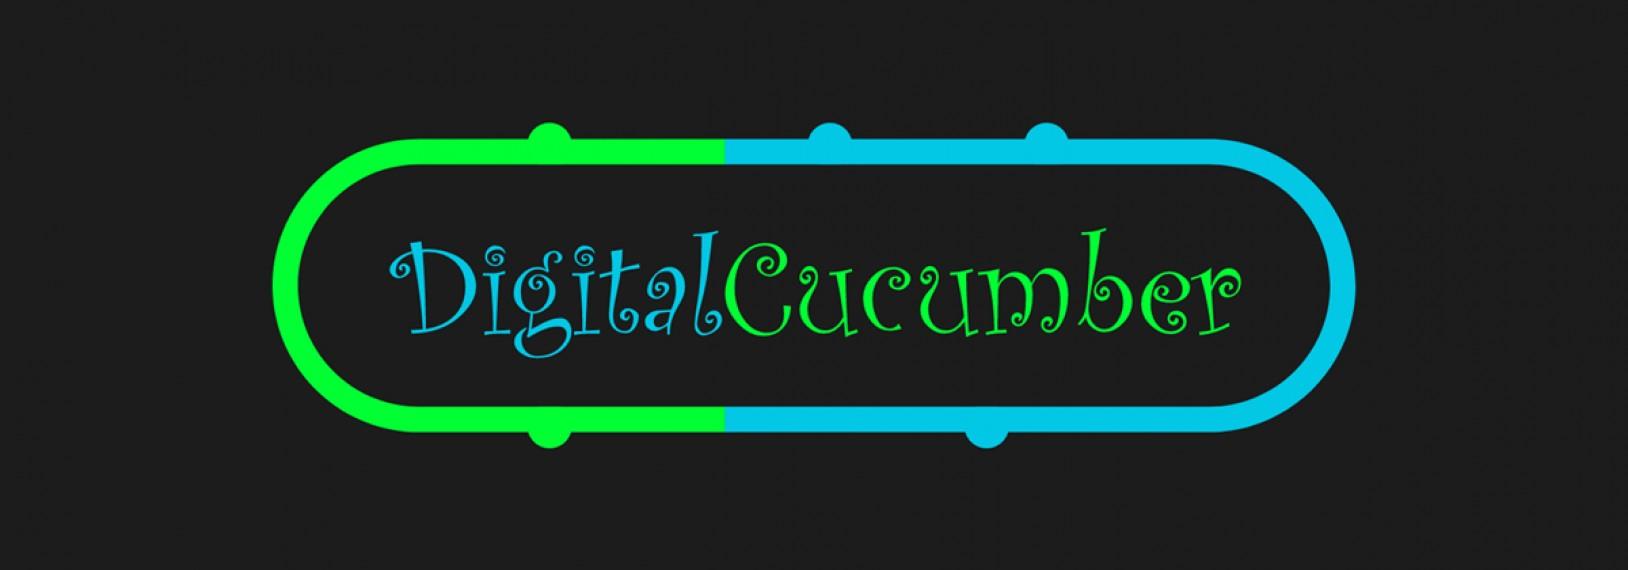 Digital Cucumber Agency